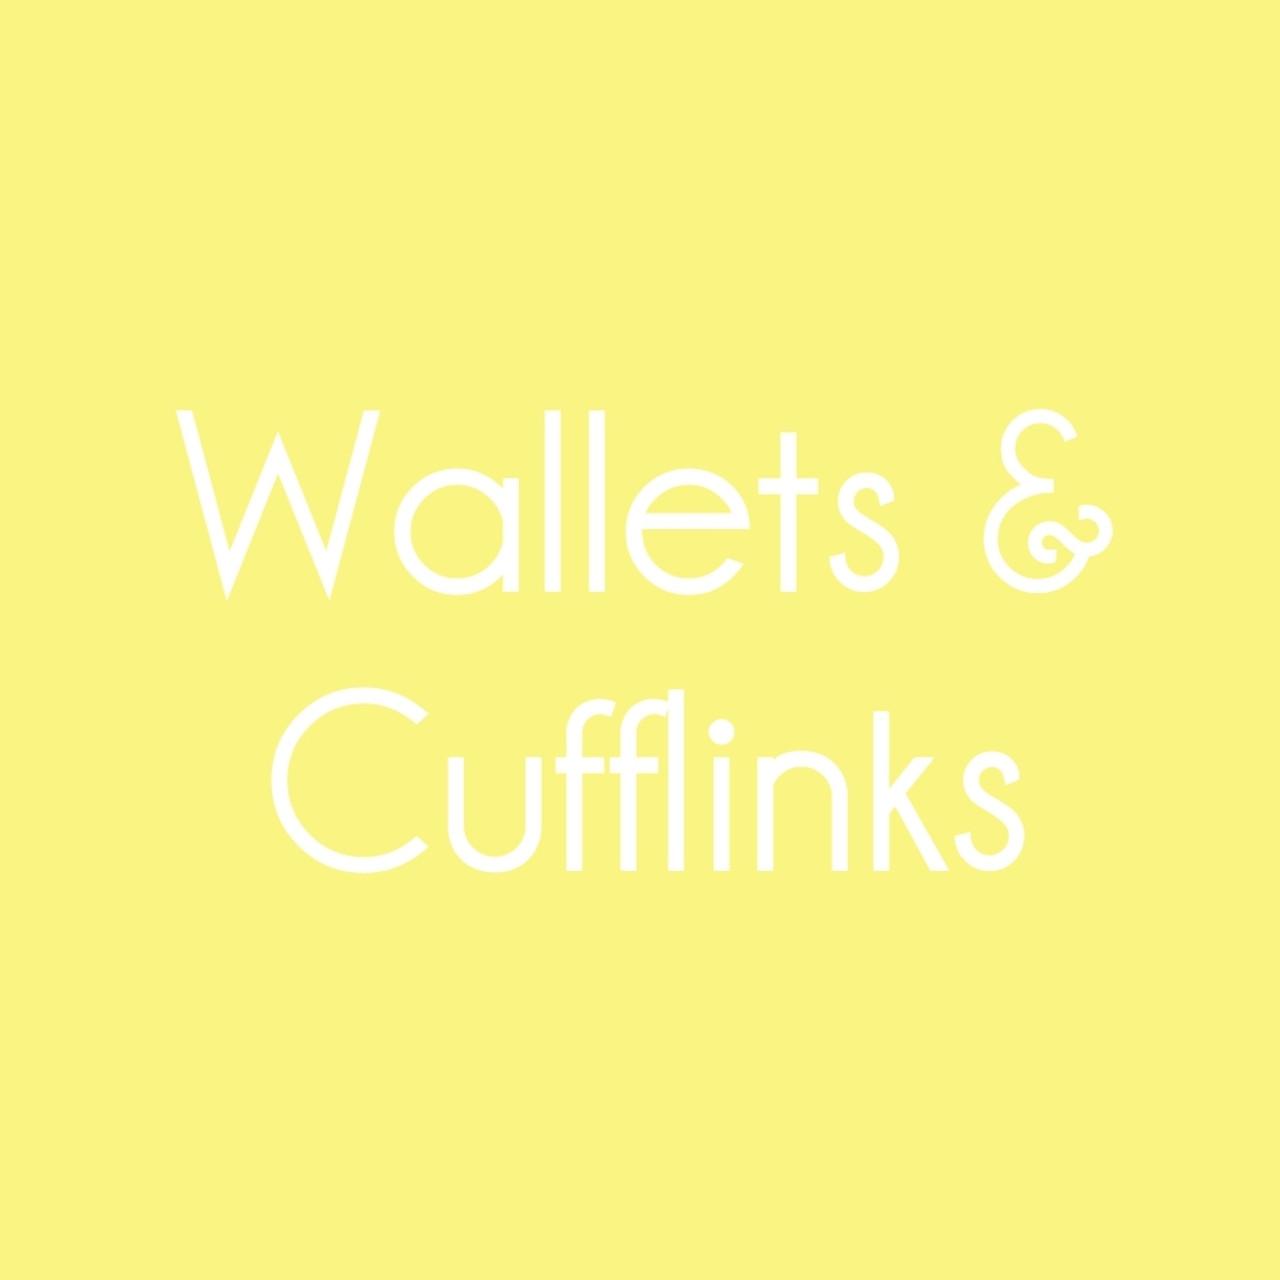 Wallets & Cufflinks